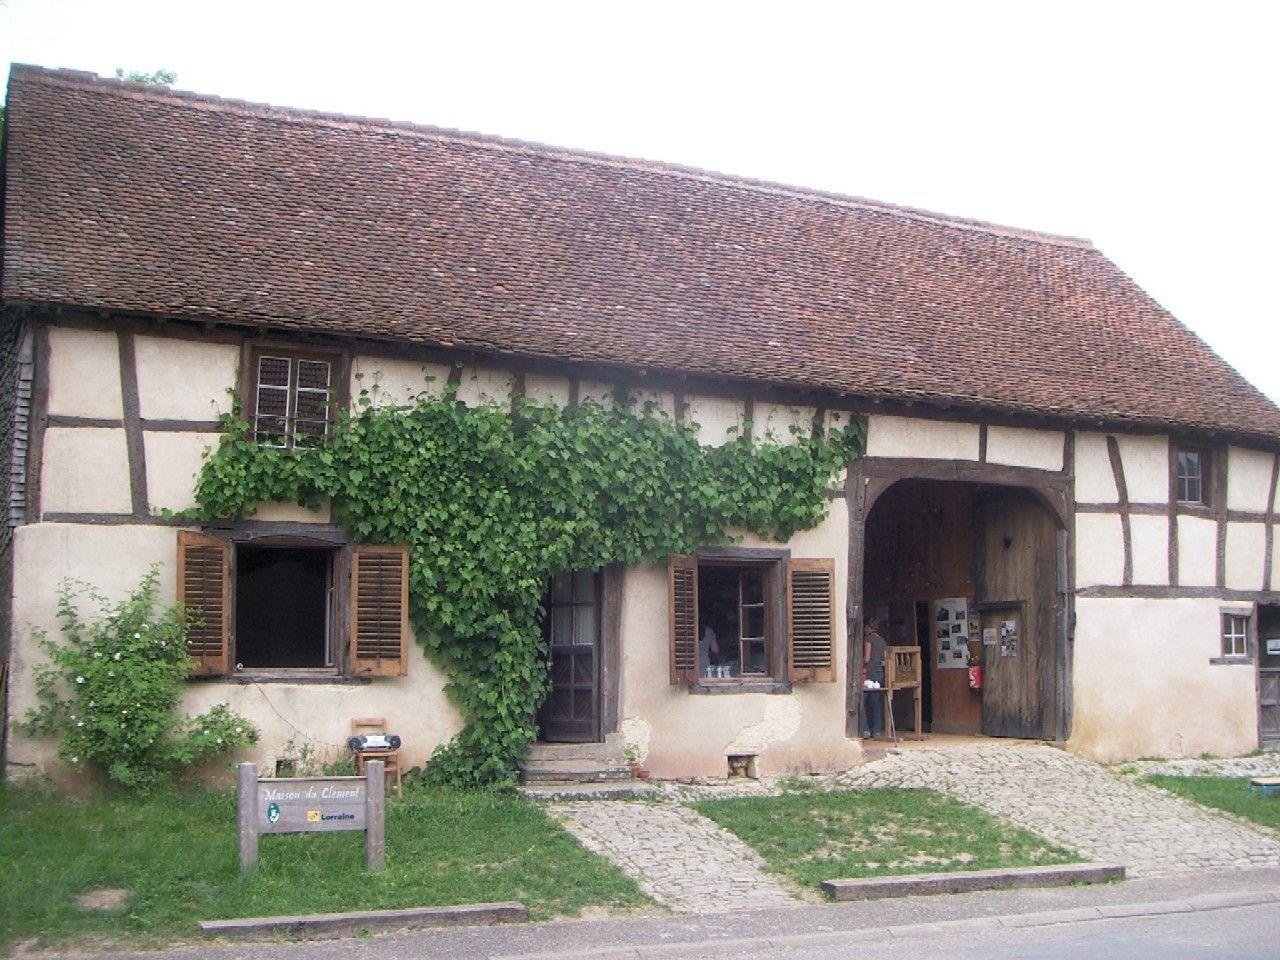 La maison du clément musée du patrimoine architectural du pays des etangs est un exemple remarquable de larchitecture à pans de bois